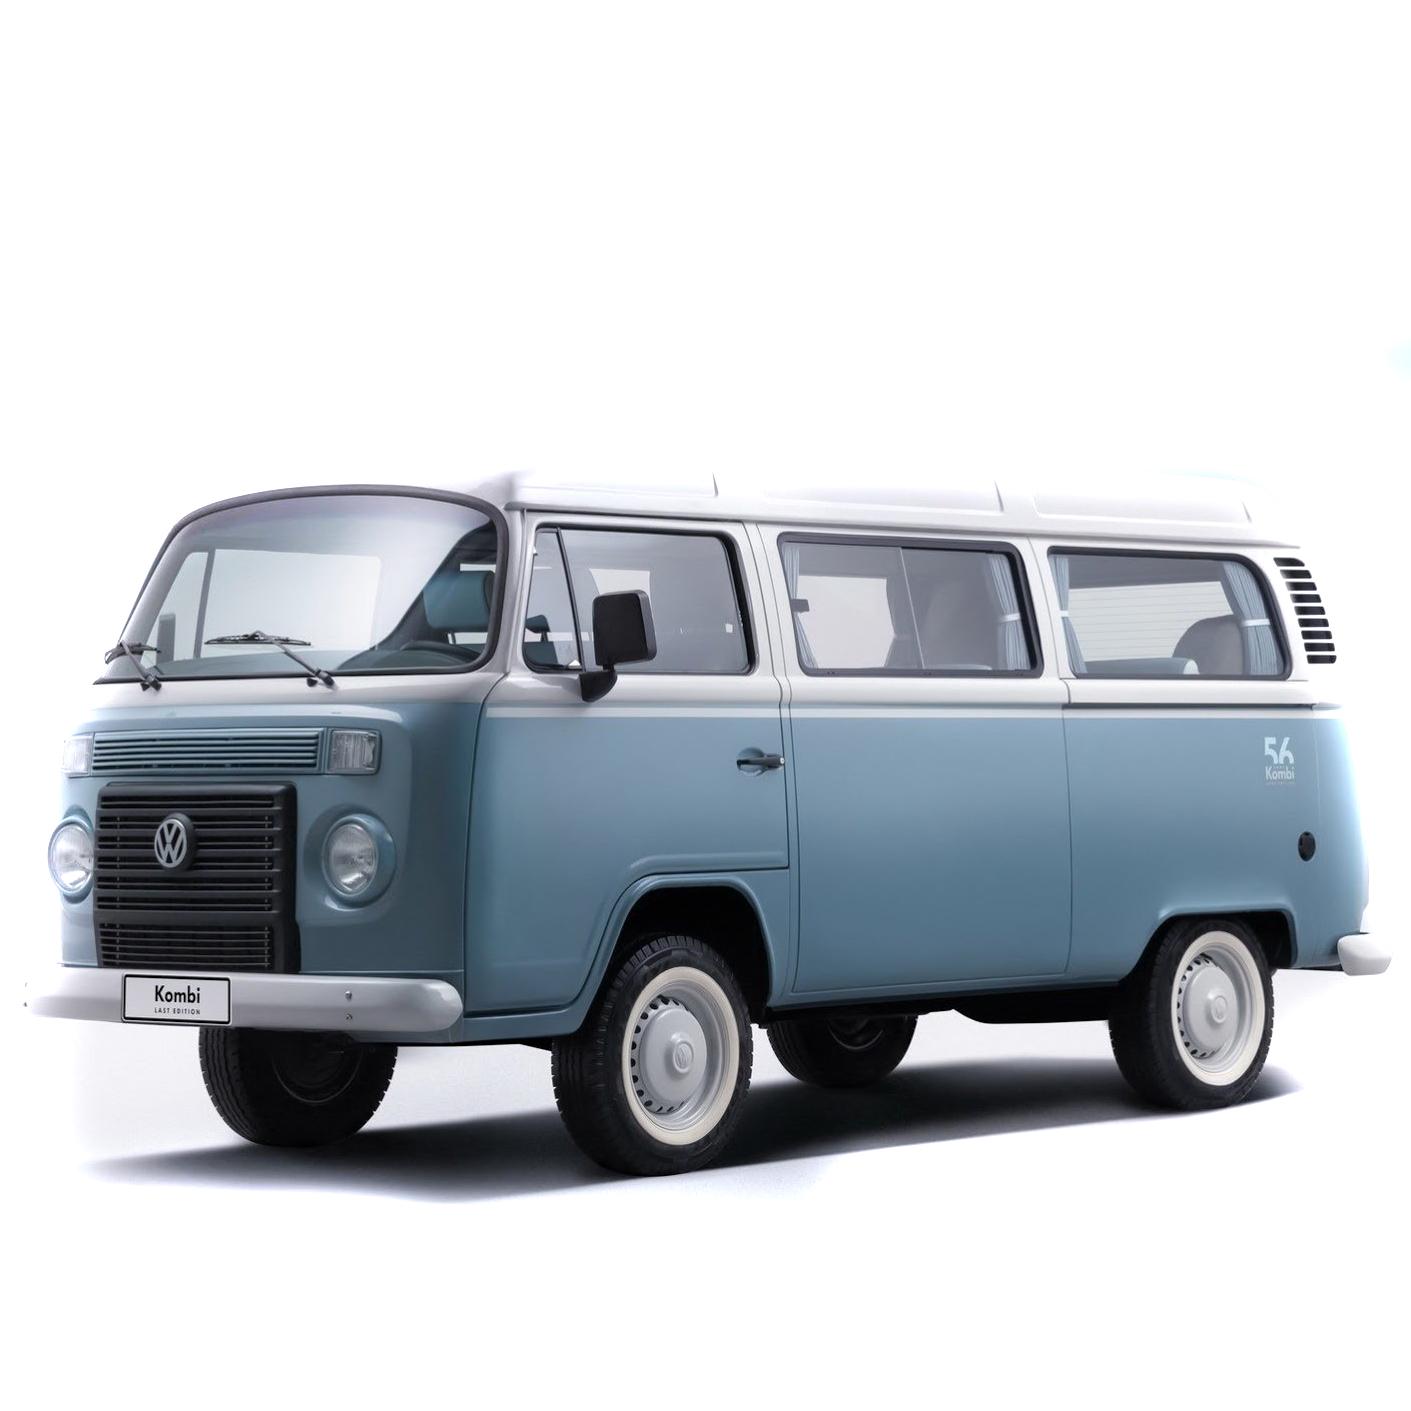 Volkswagen Kombi [Twin Passenger] [2 rows]